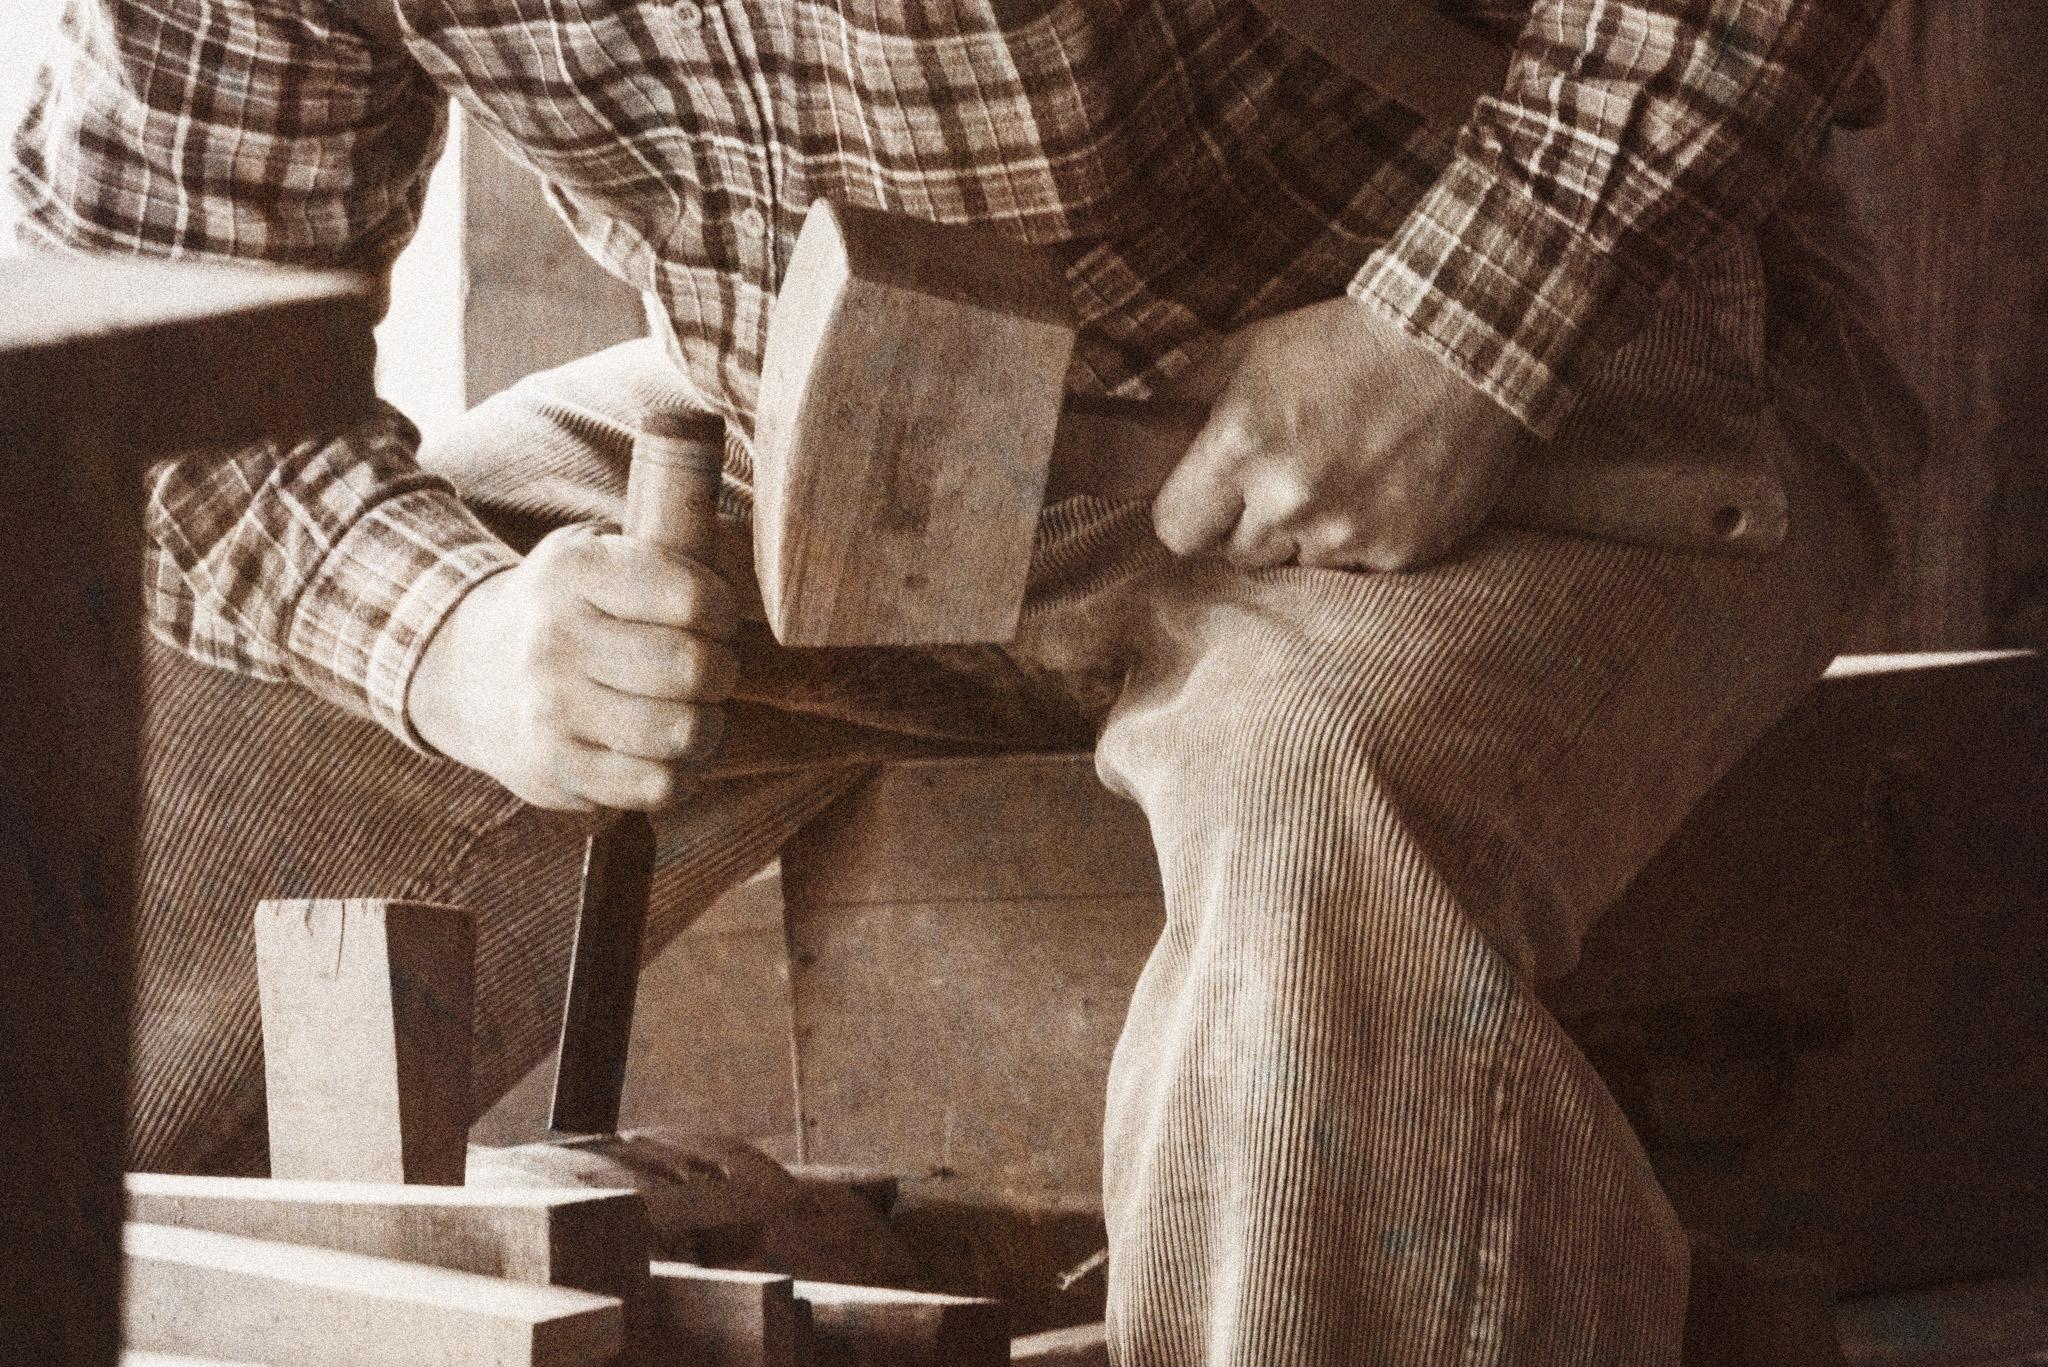 Photographe Reportage Illustration Reims, shooting photo vieux Métiers, Fabrication de Moyeux en bois pour roues de carioles